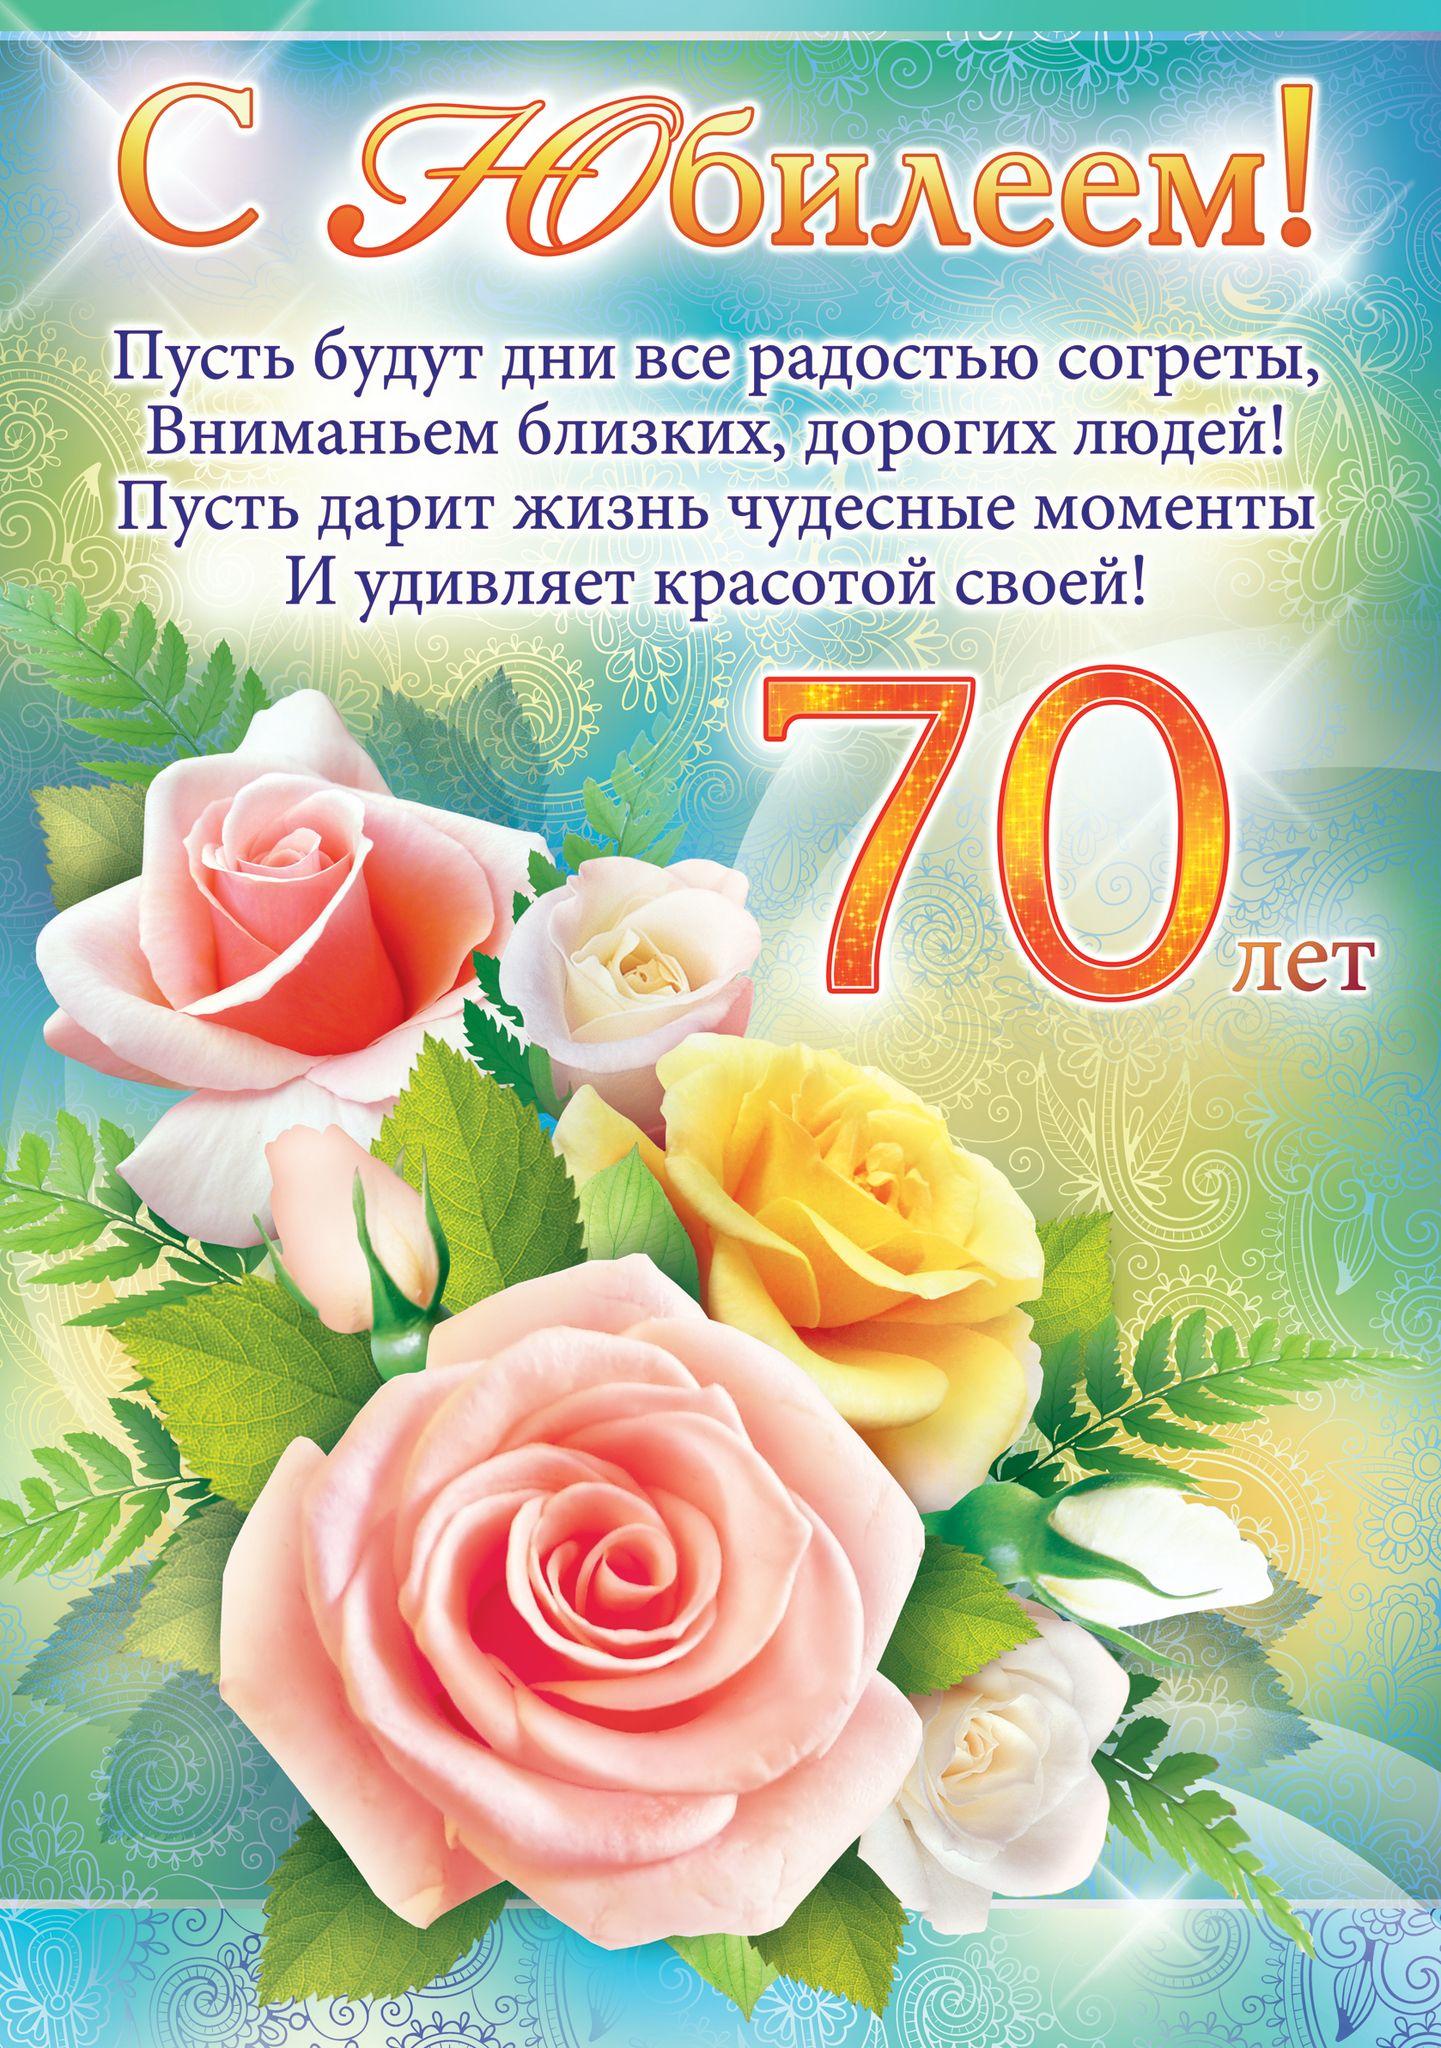 Картинки с юбилеем 70 лет